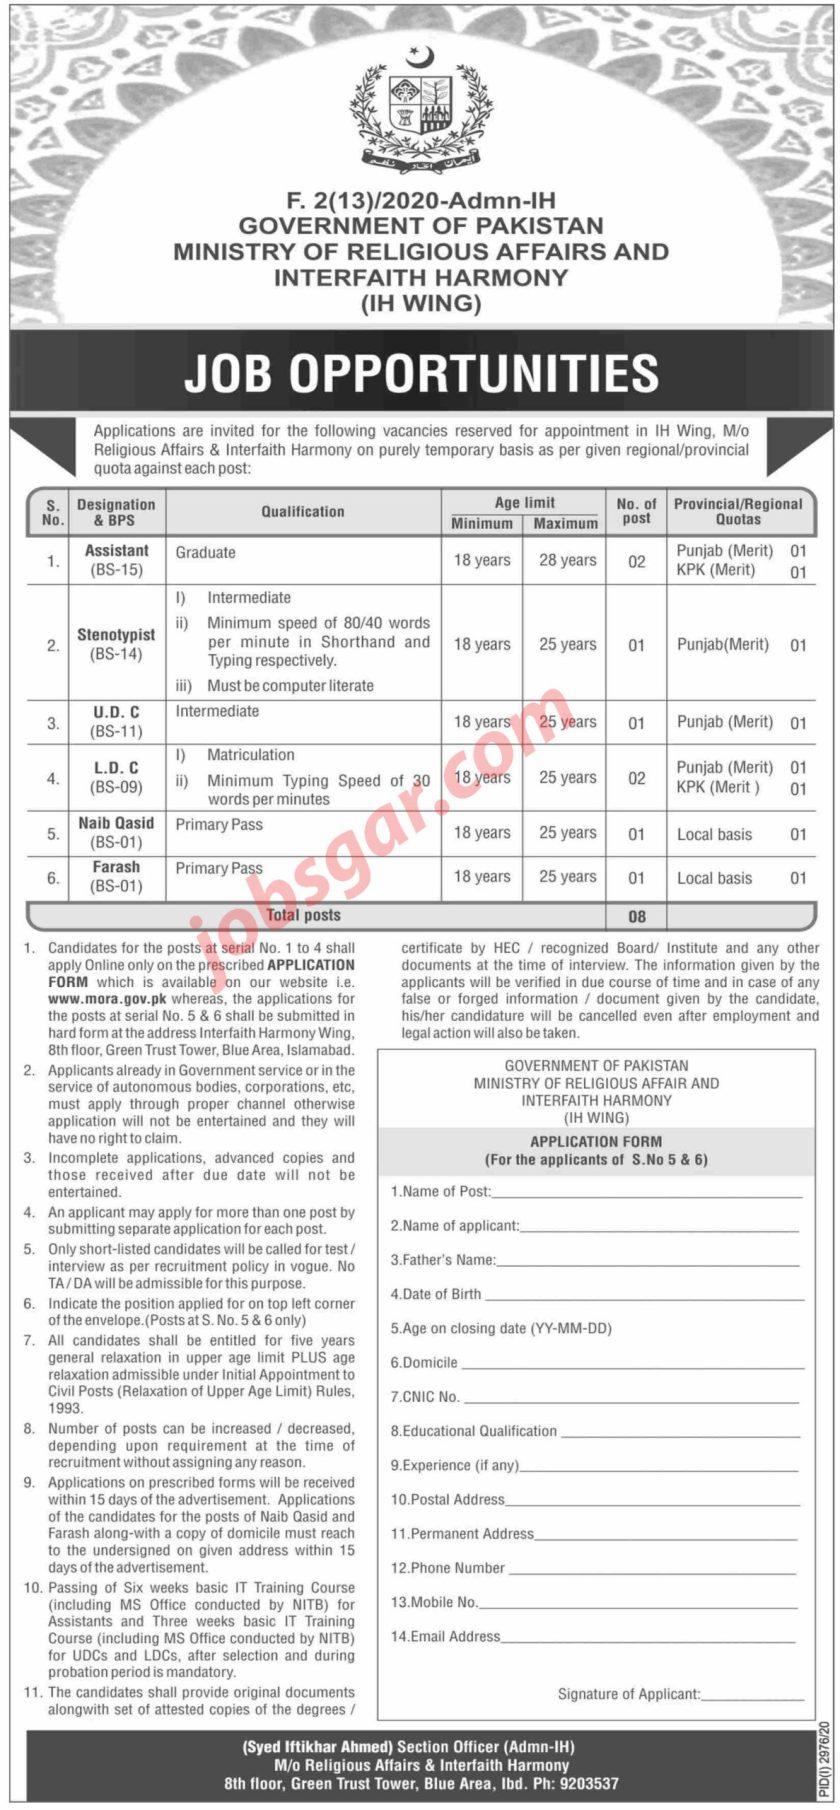 Ministry of Religious Affairs & Interfaith Harmony Islamabad MORA Jobs 2020